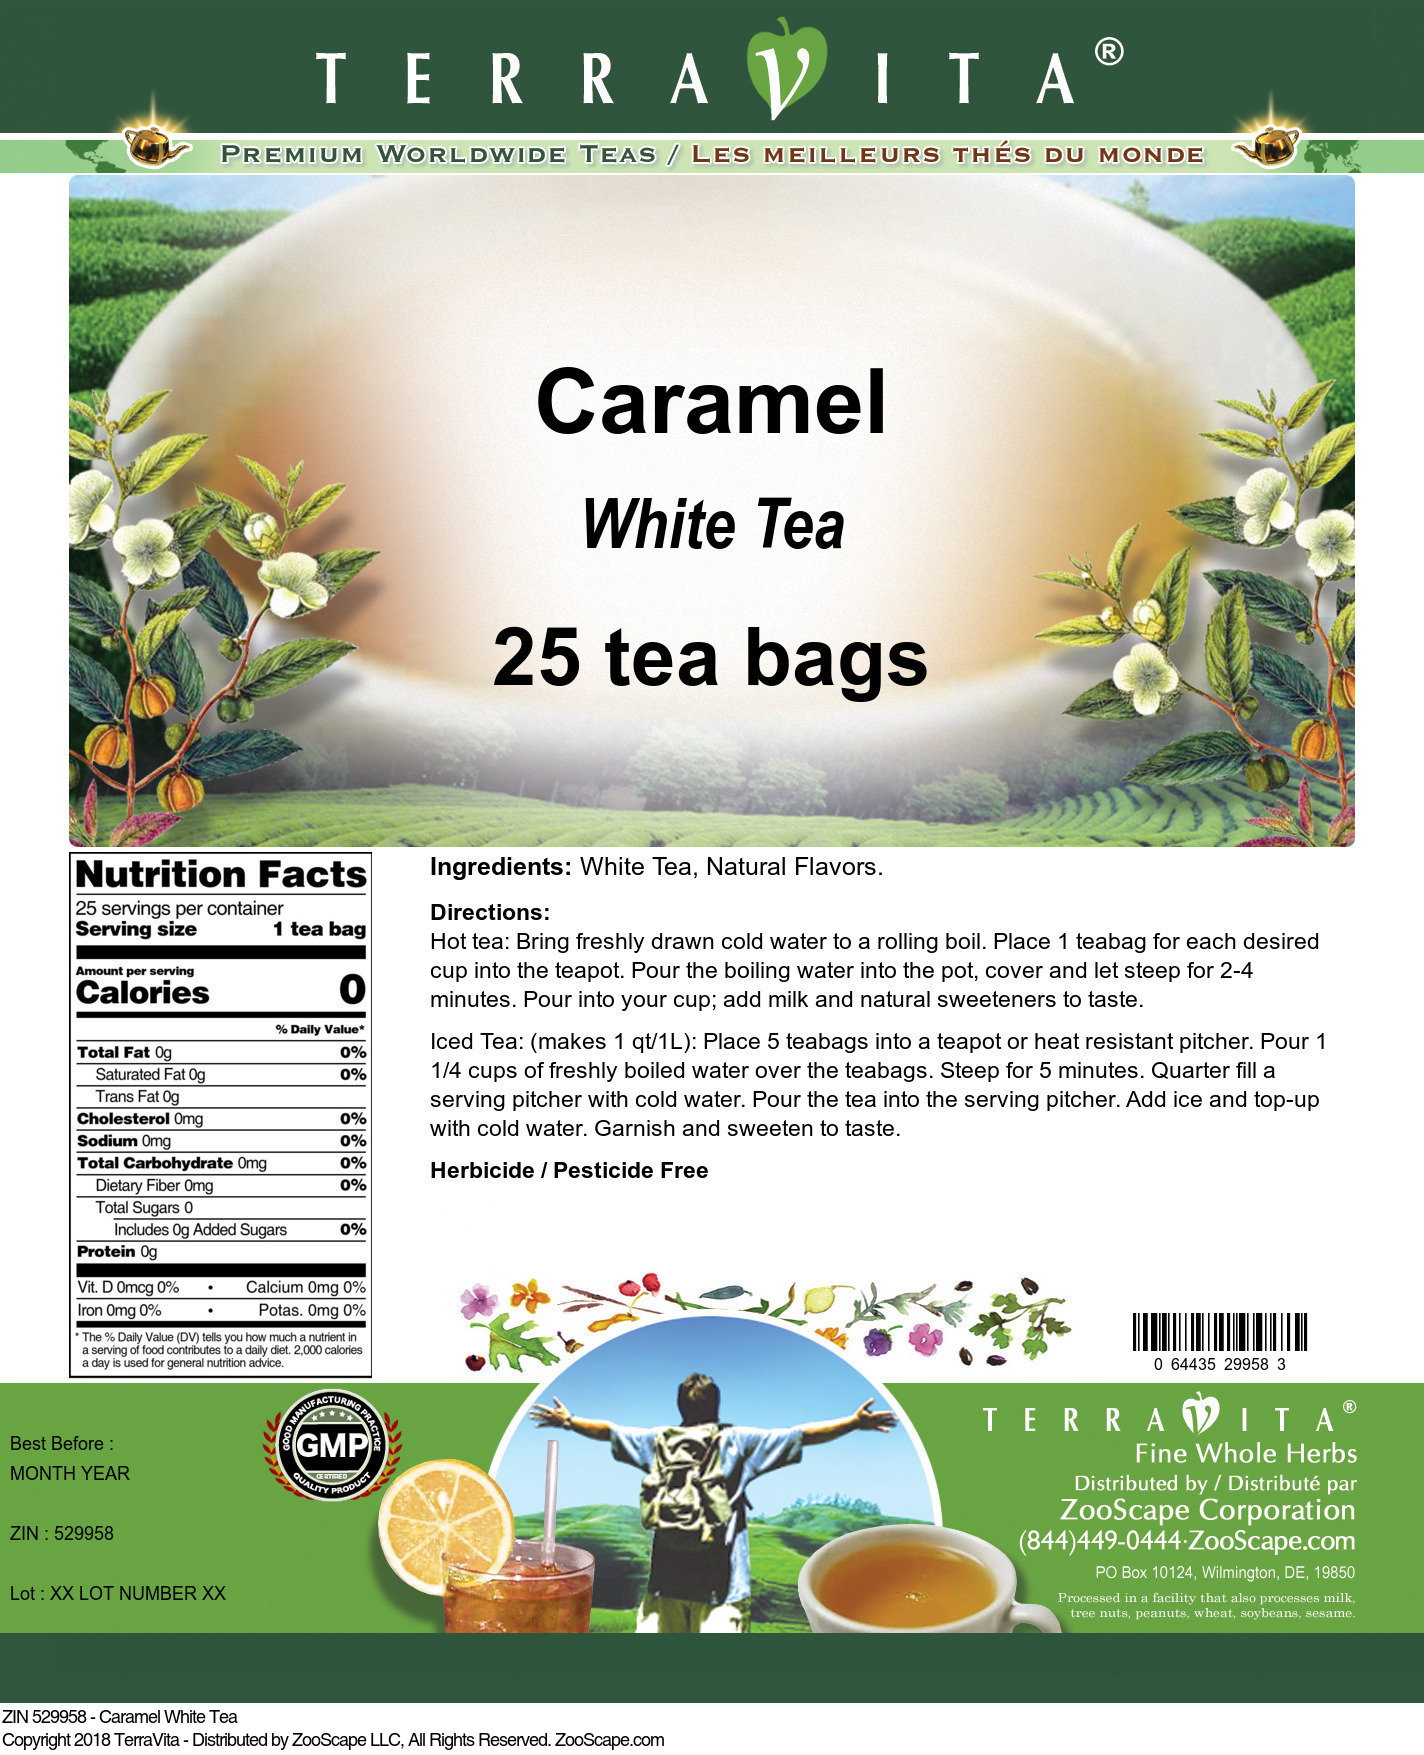 Caramel White Tea